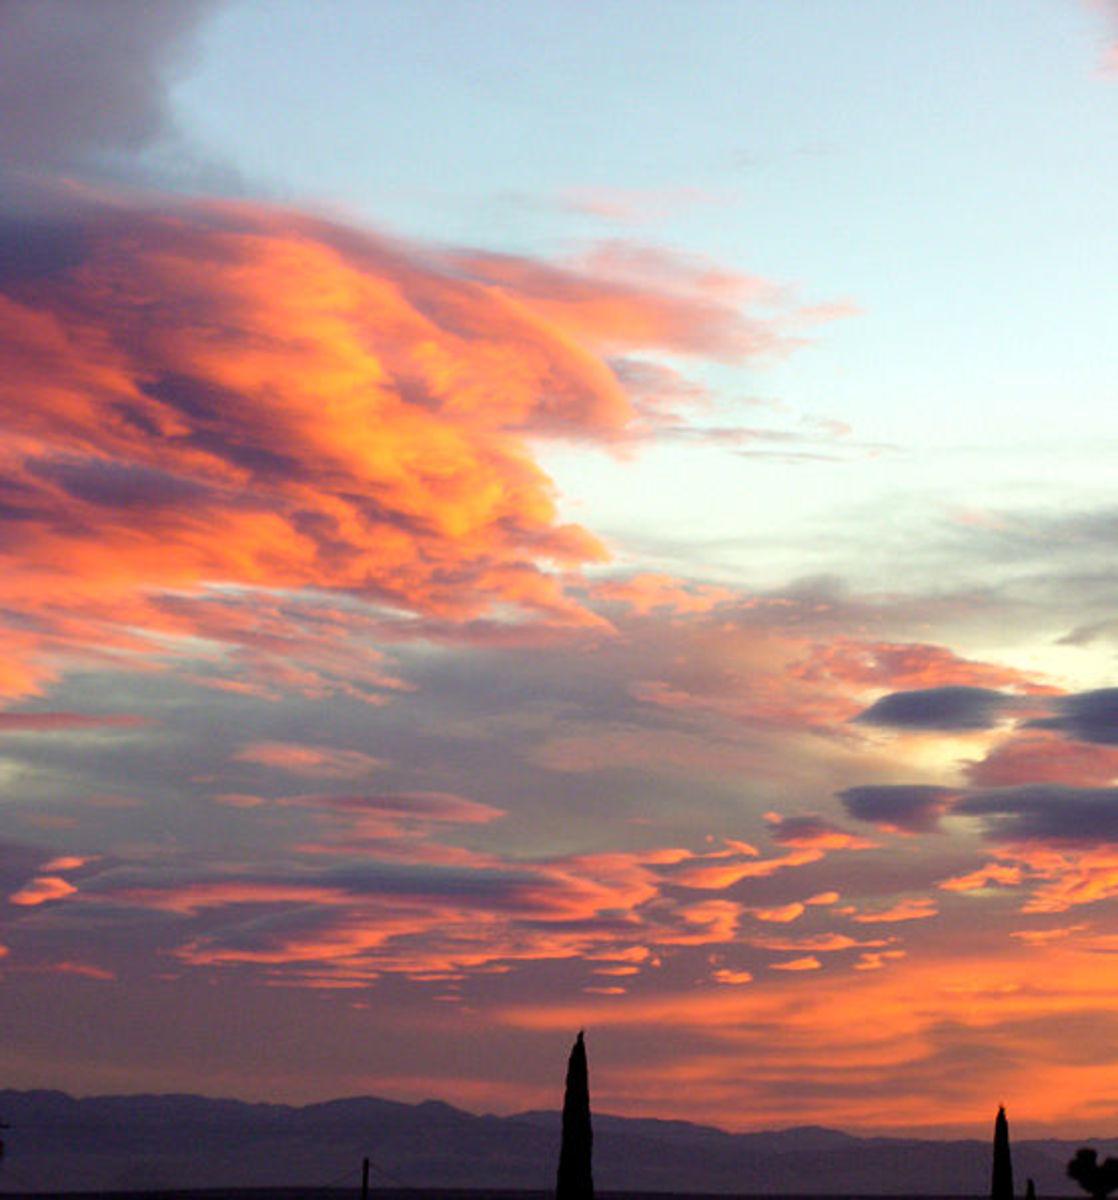 Civil twilight at dawn.